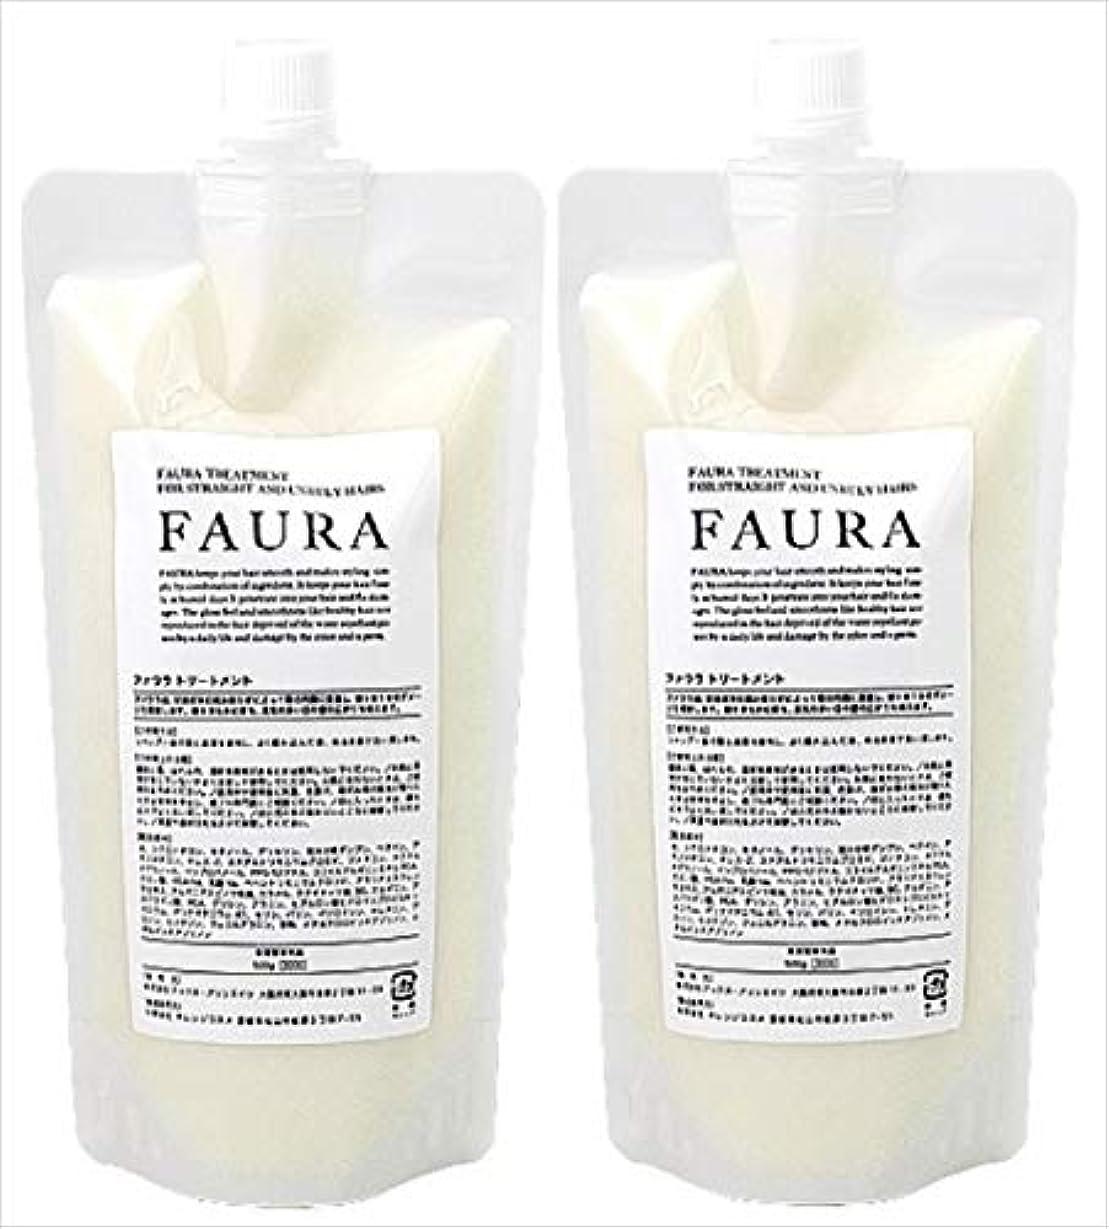 デジタルパブメーカー【送料無料】FAURA ファウラ ヘアトリートメント (傷んだ髪に) 詰替500g2つのセット 【サロン専売品】